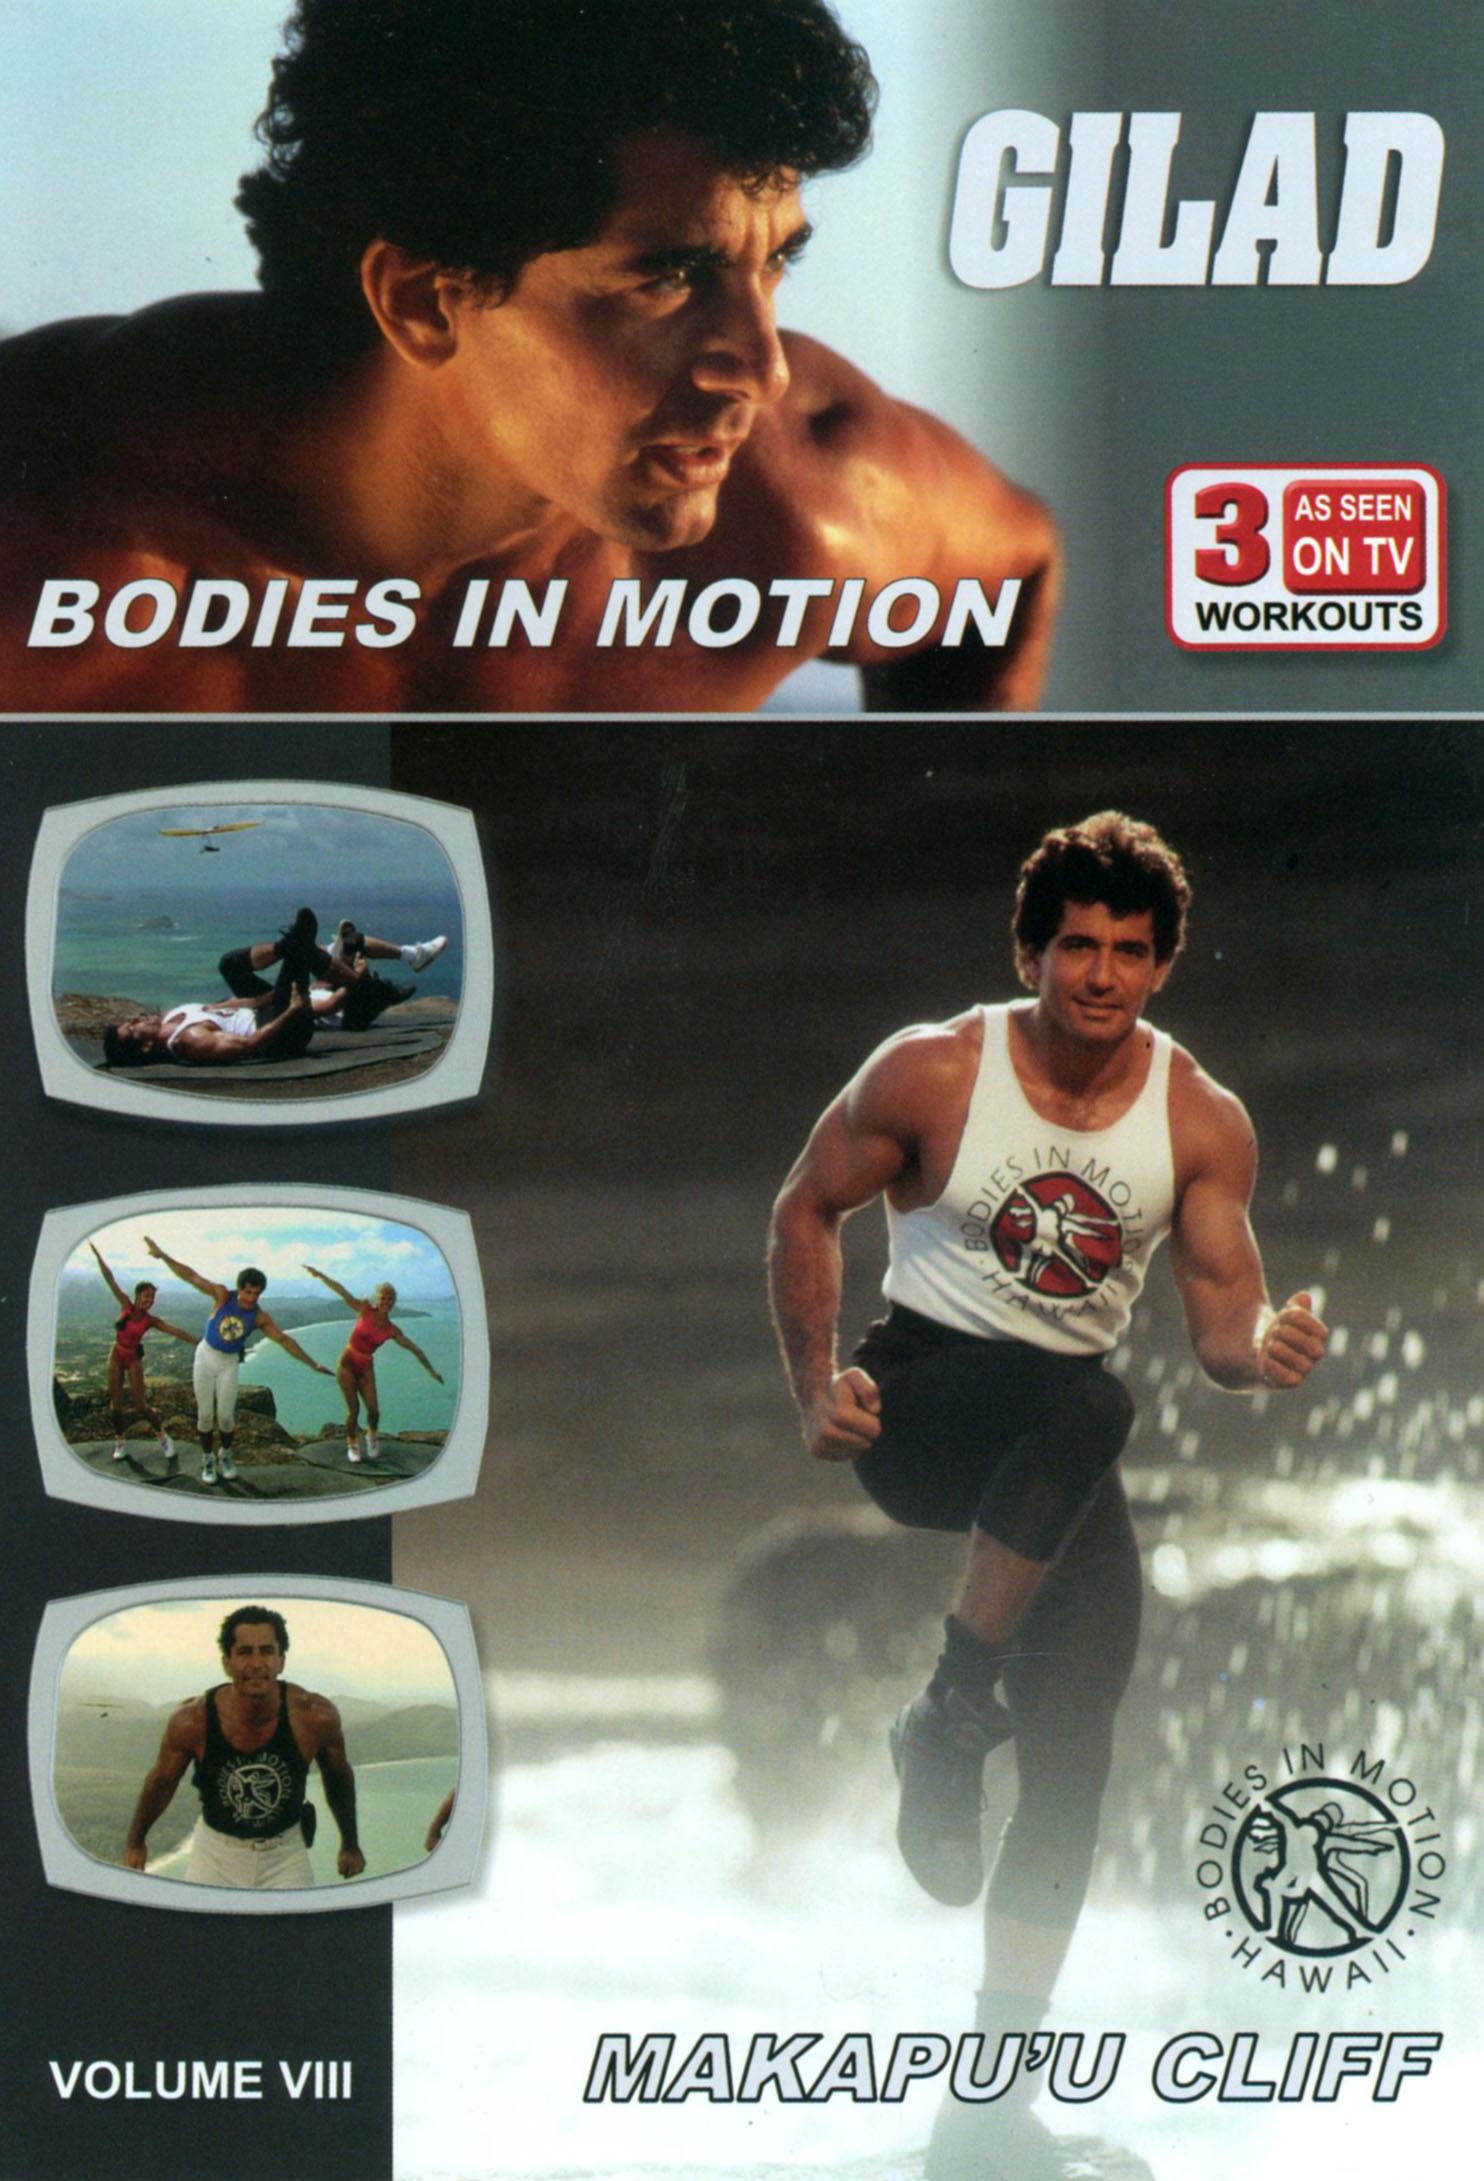 Gilad: Bodies in Motion, Vol. 8 - Makapu'u Cliff